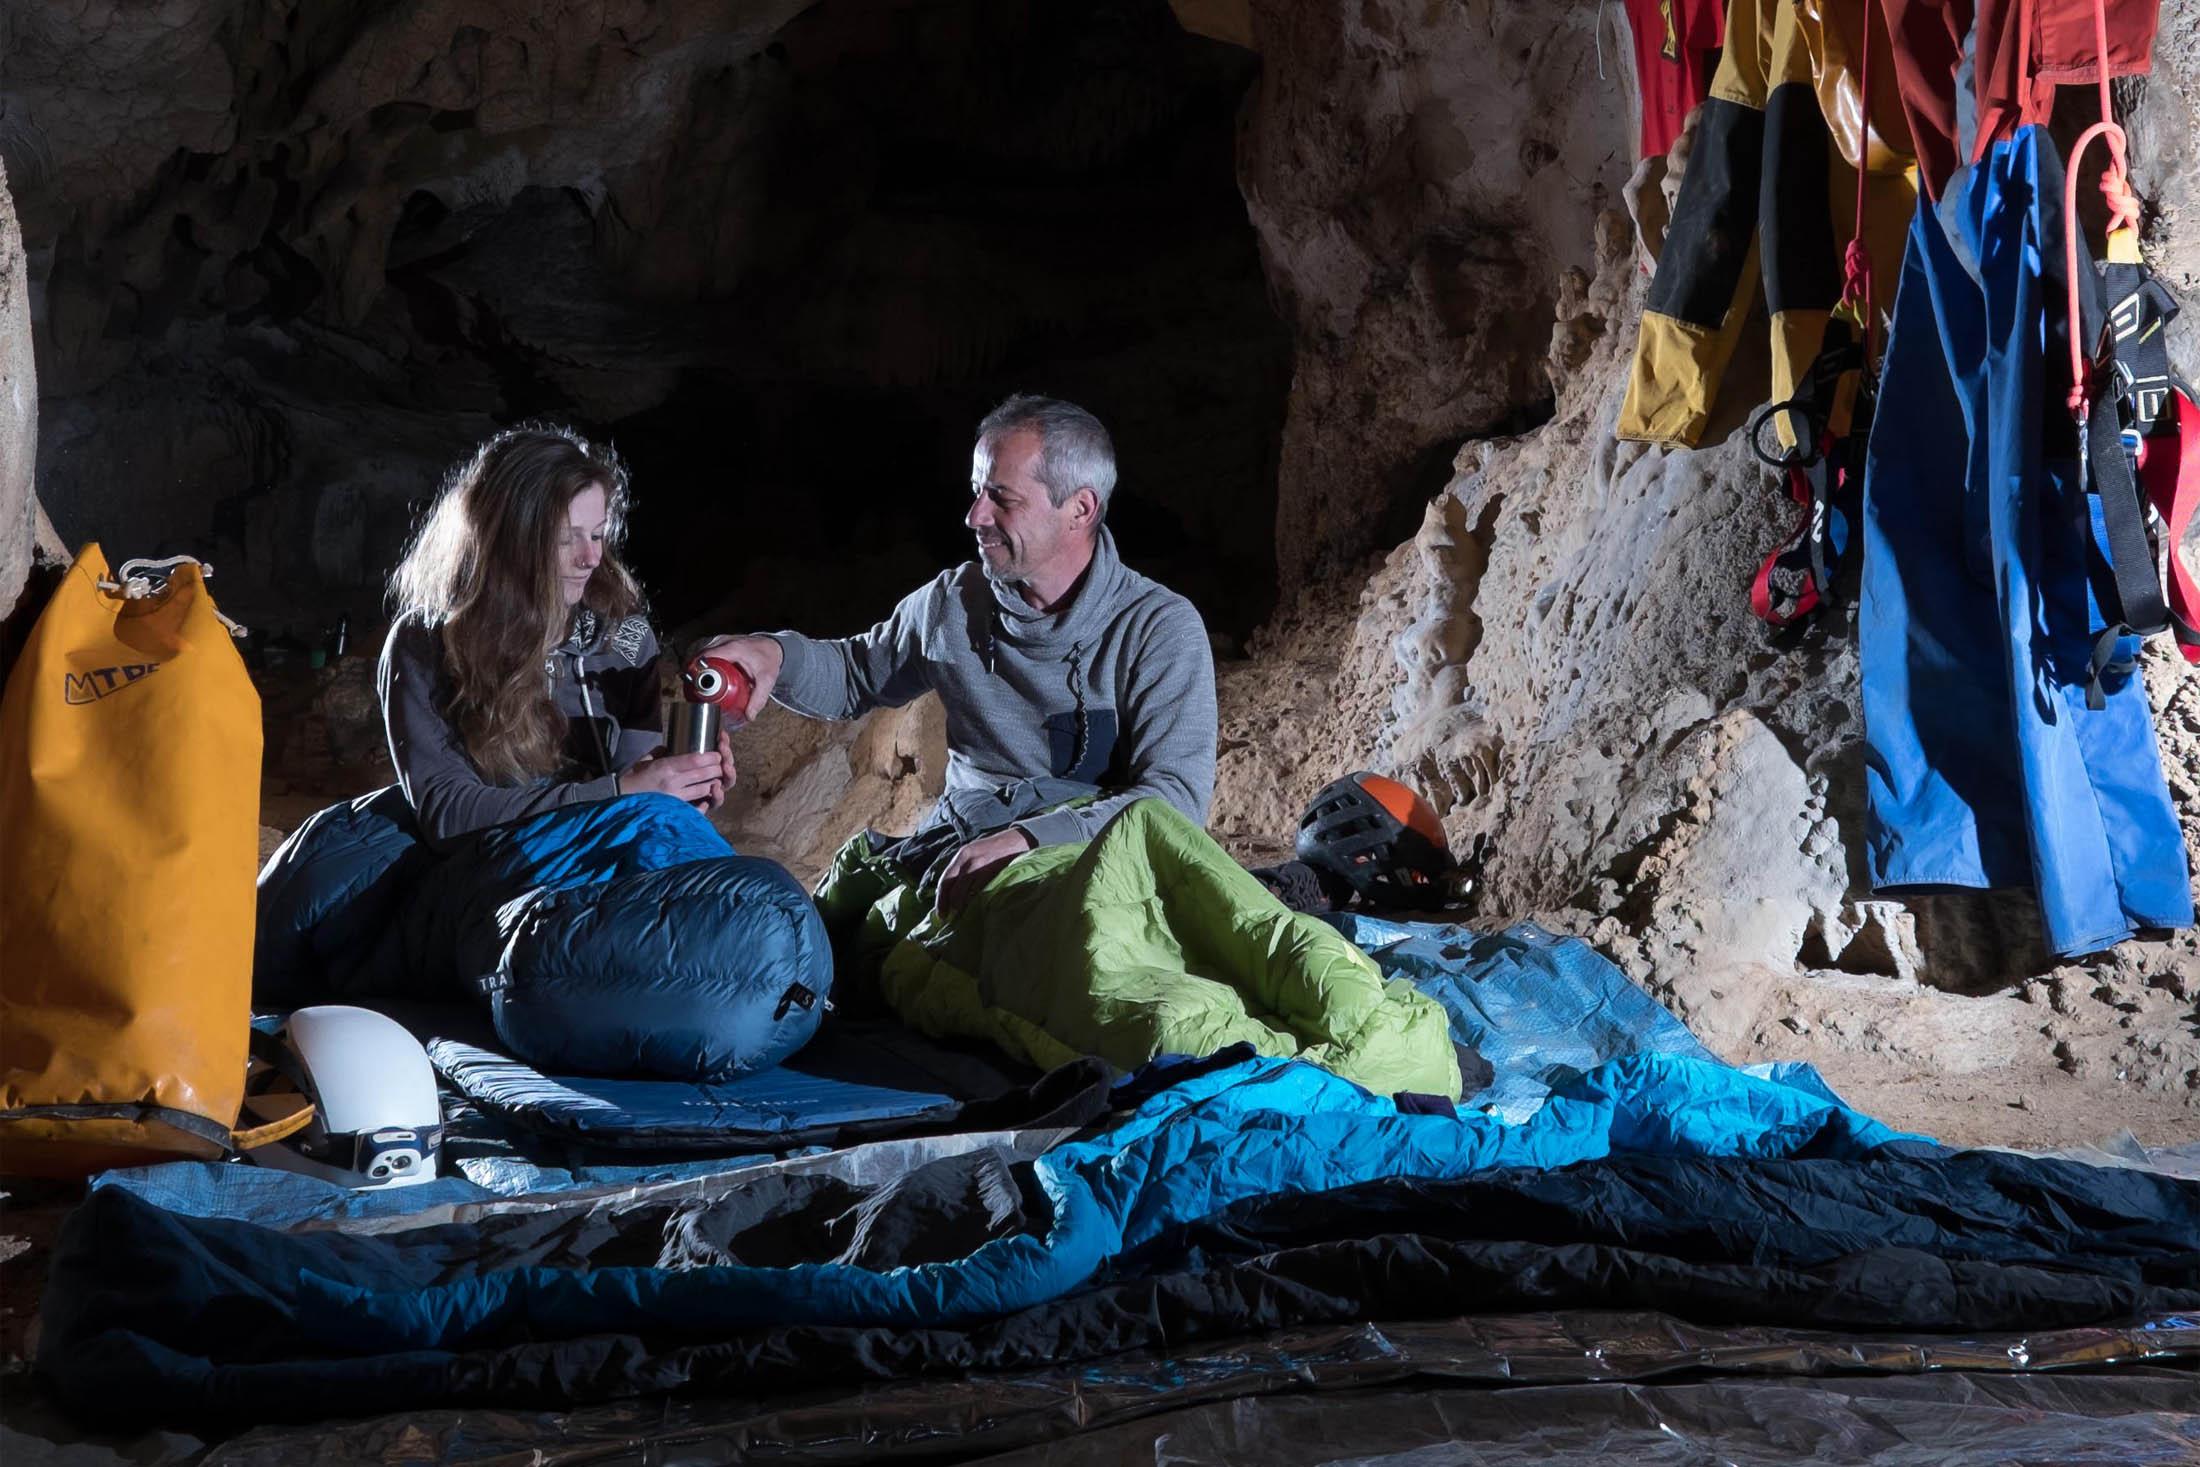 Dormir en bivouac à 50 mètres sous terre